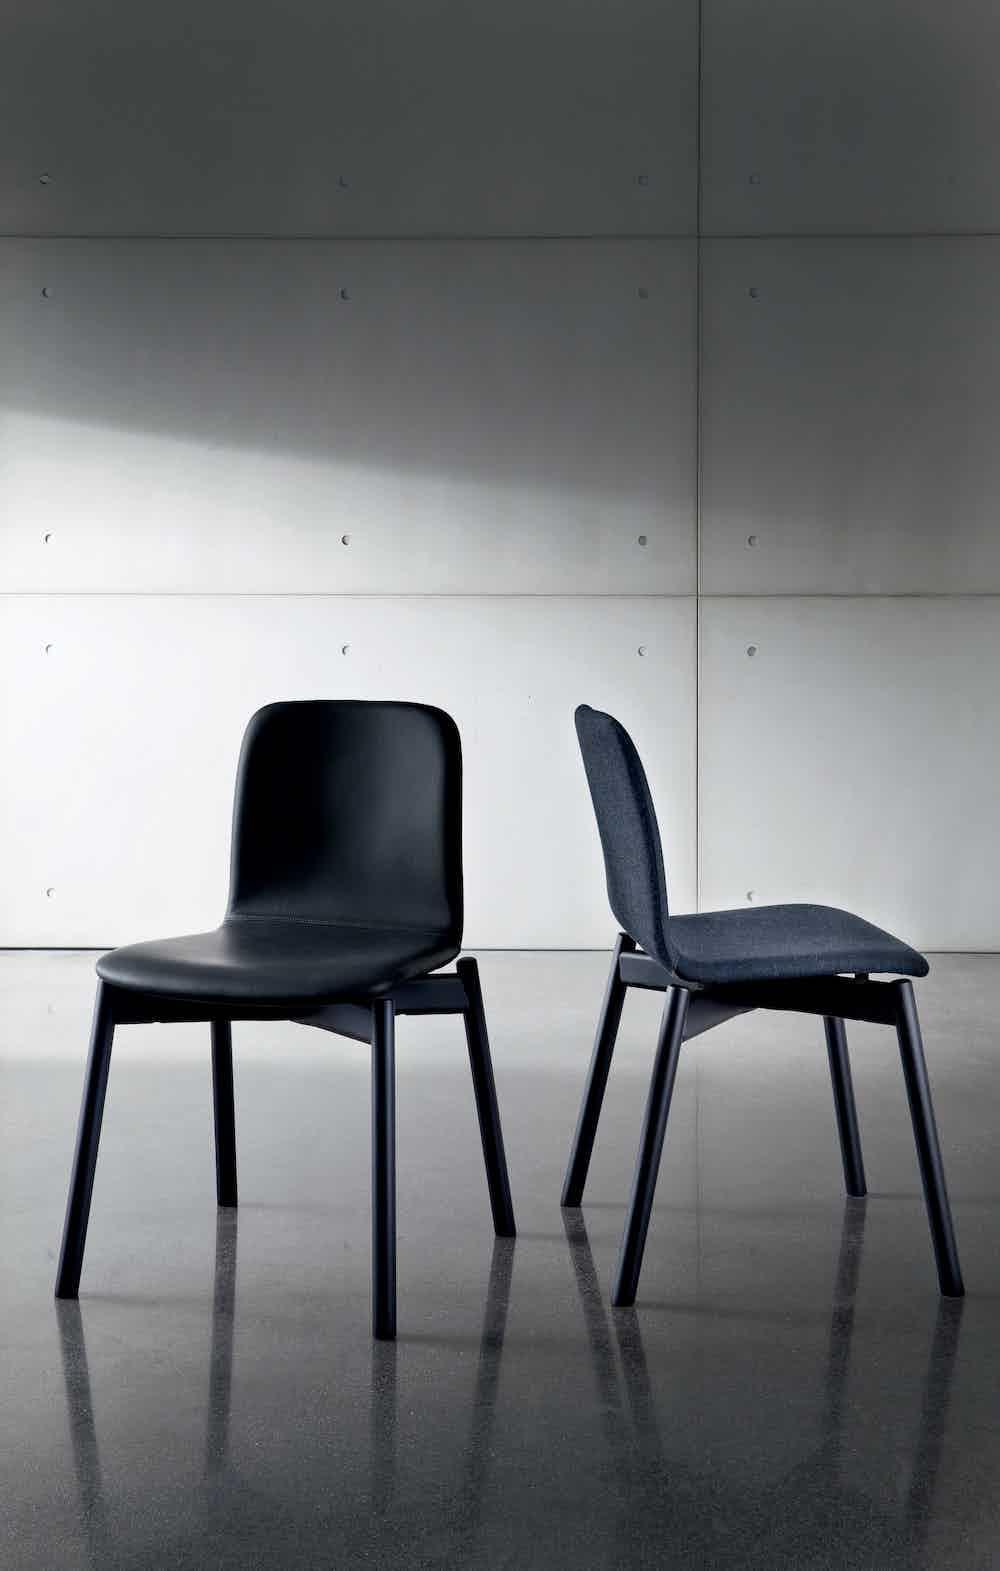 Sovet-black-two-tone-chair-insitu-duo-haute-living